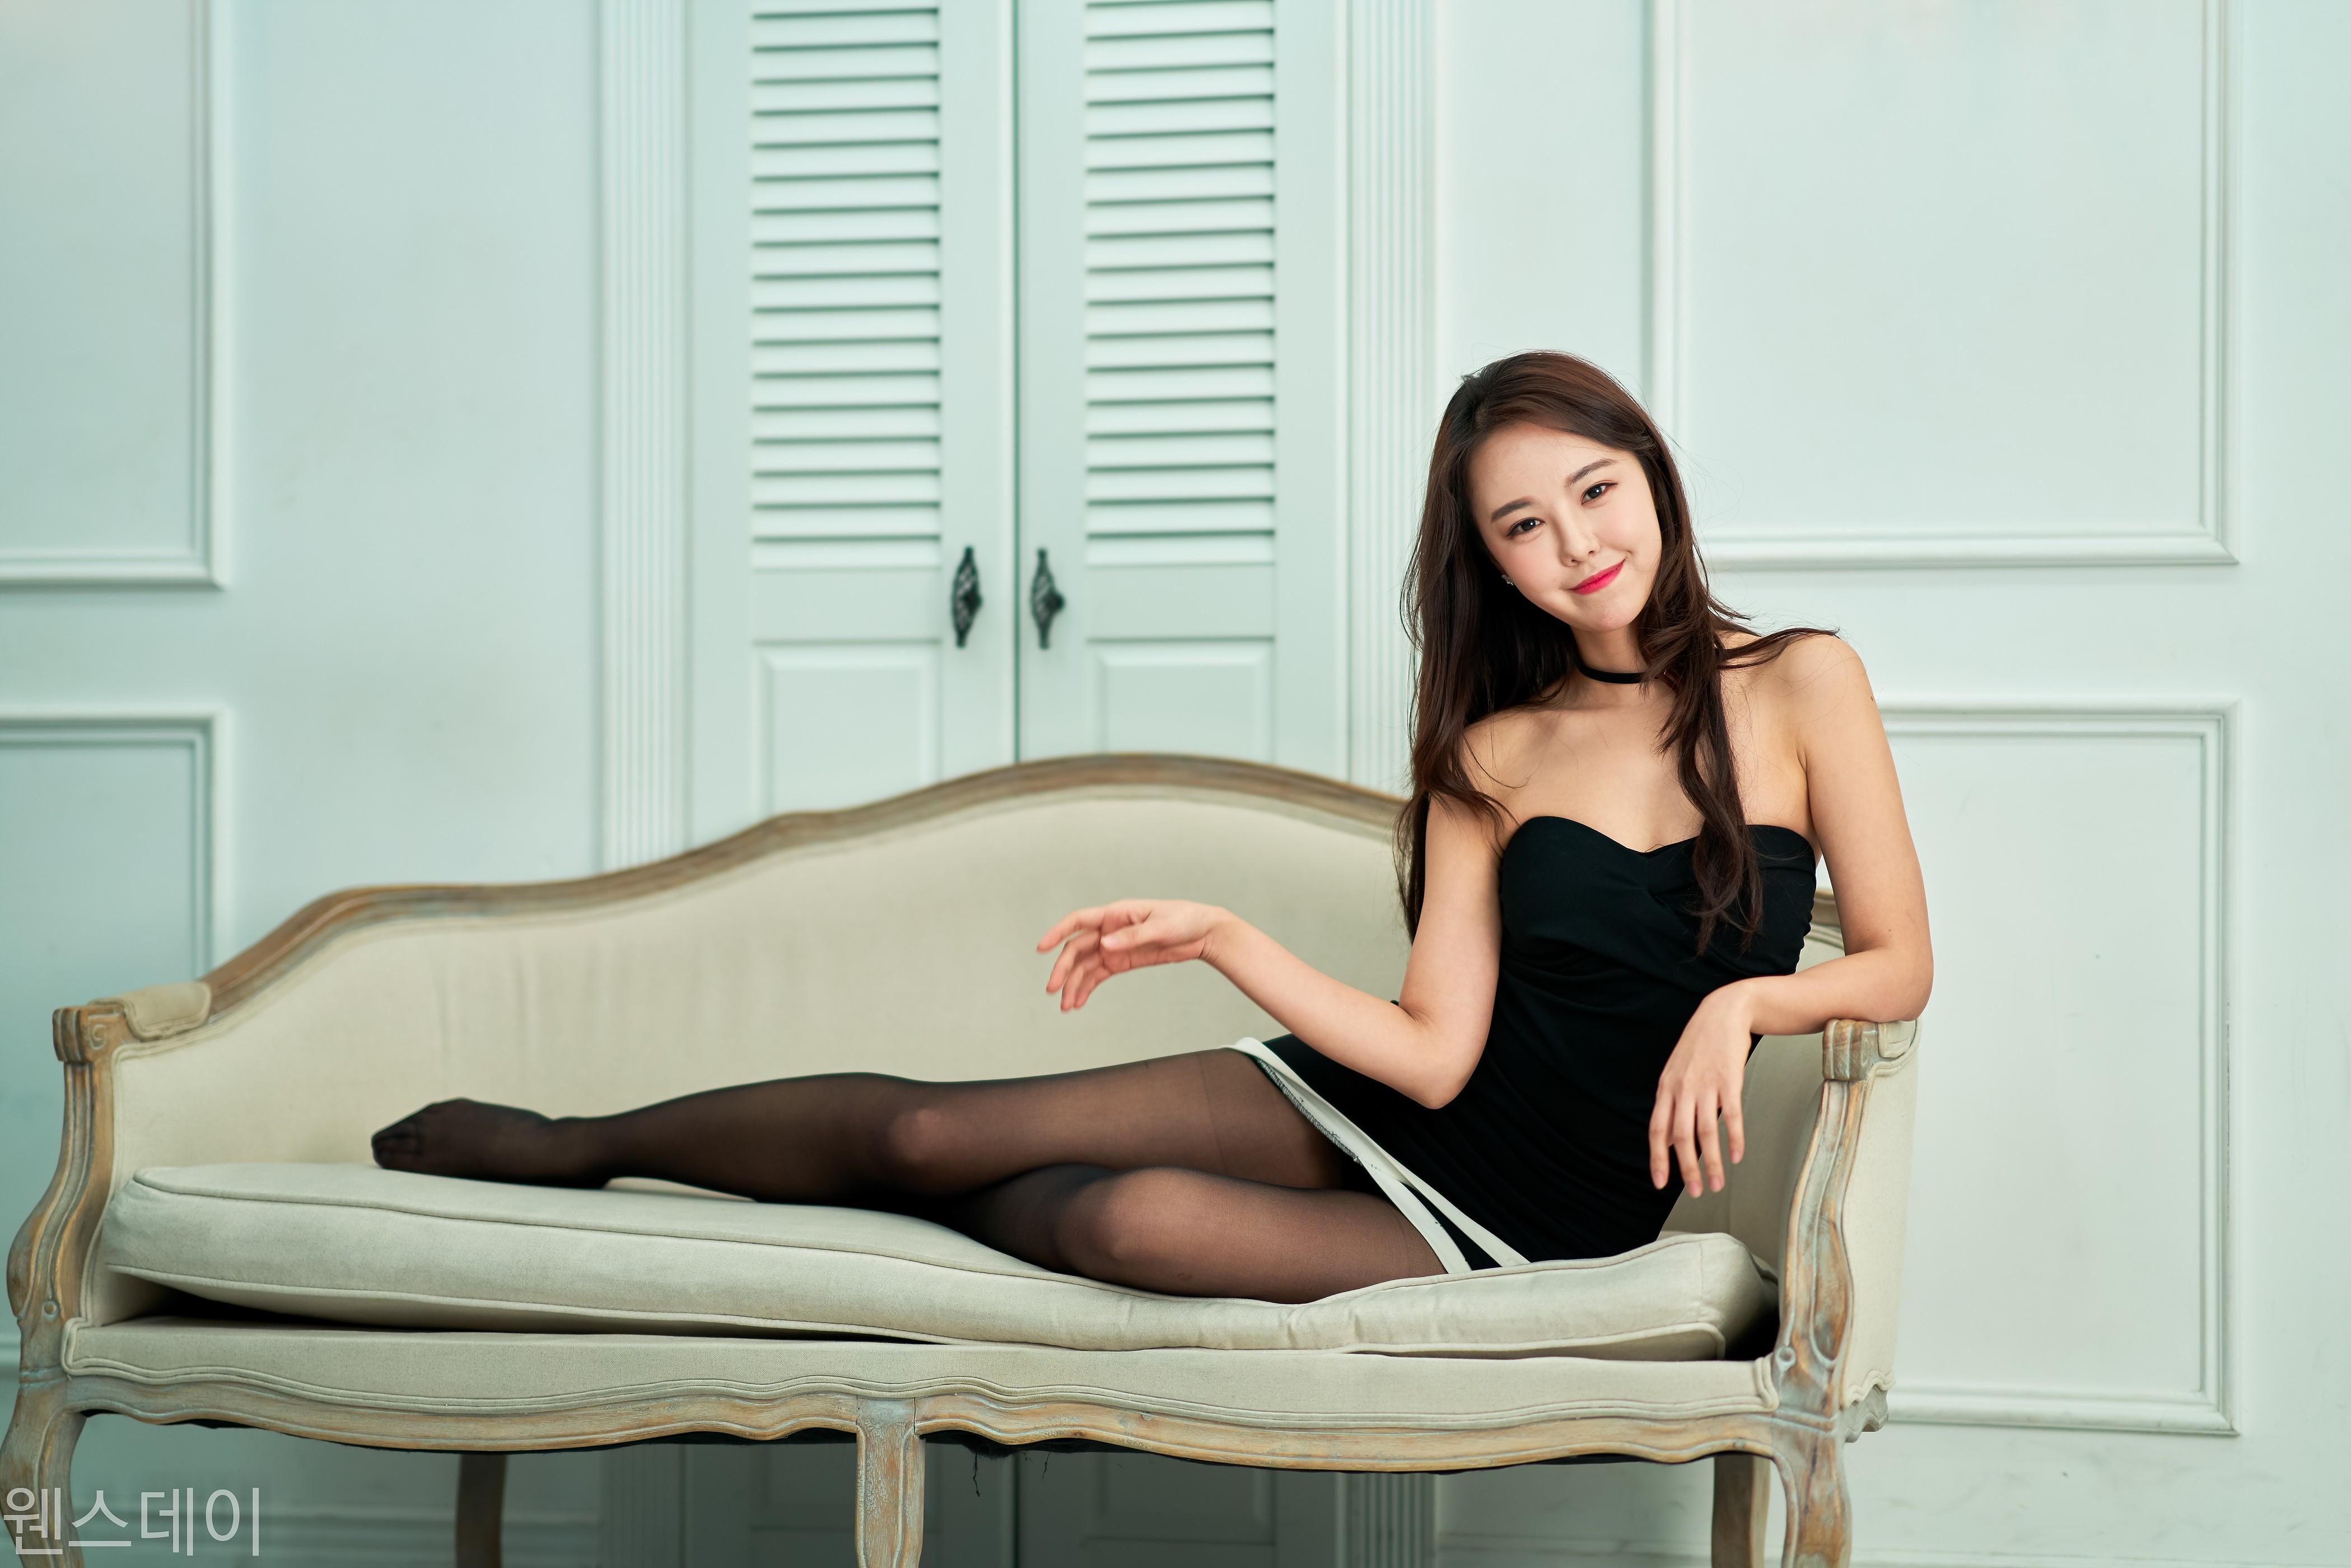 hosszú haj ázsiai szexigazi leszbikus olló